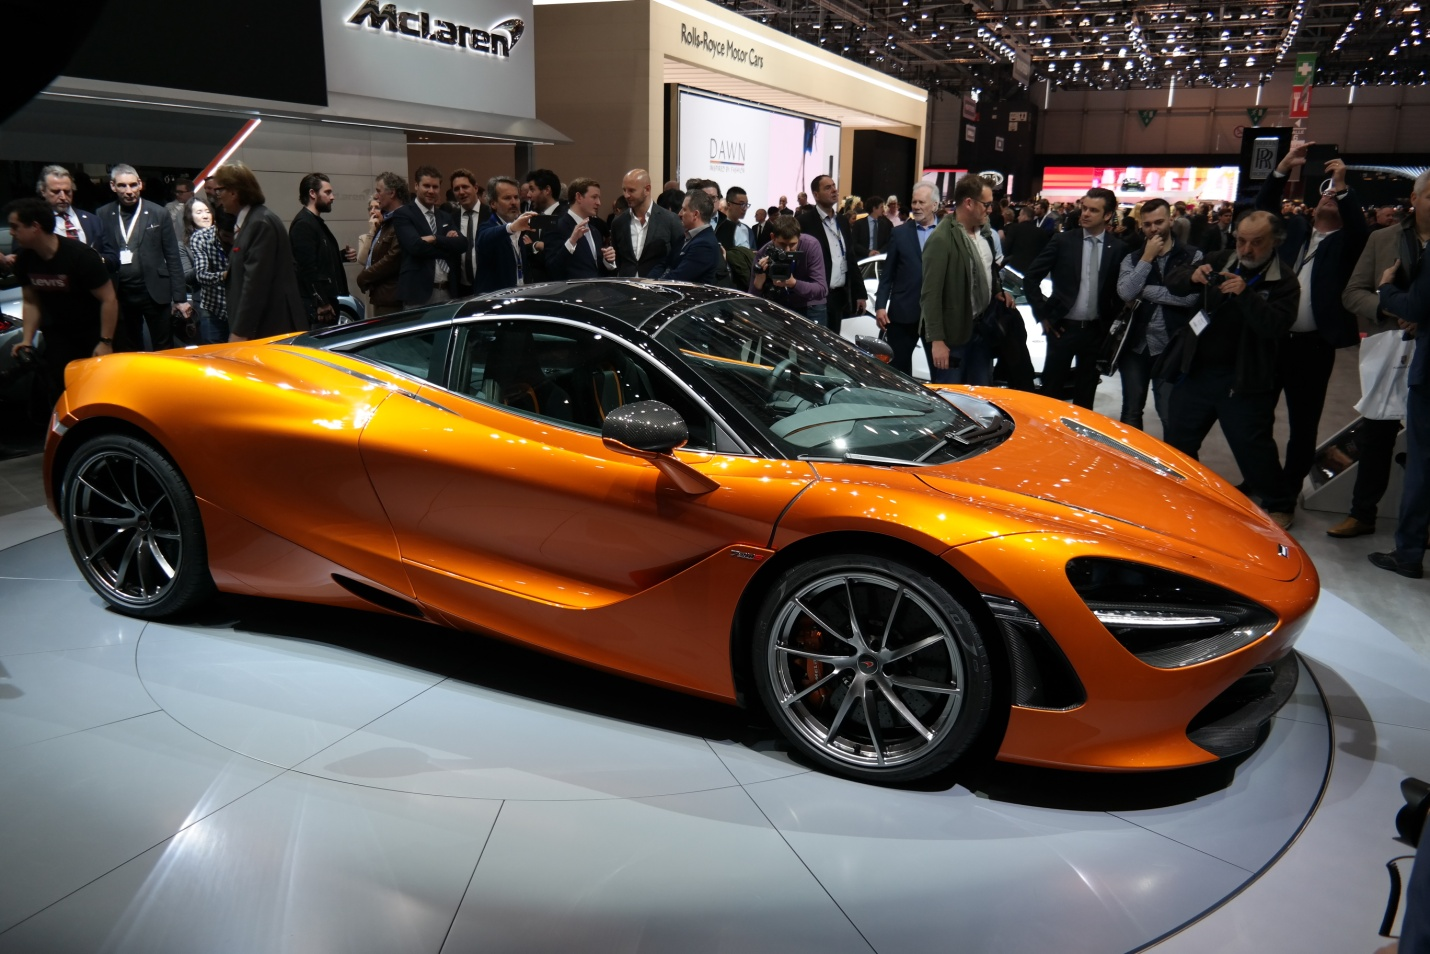 Pleins feux sur la nouvelle McLaren 720S dévoilée au Salon de l'auto de Genève